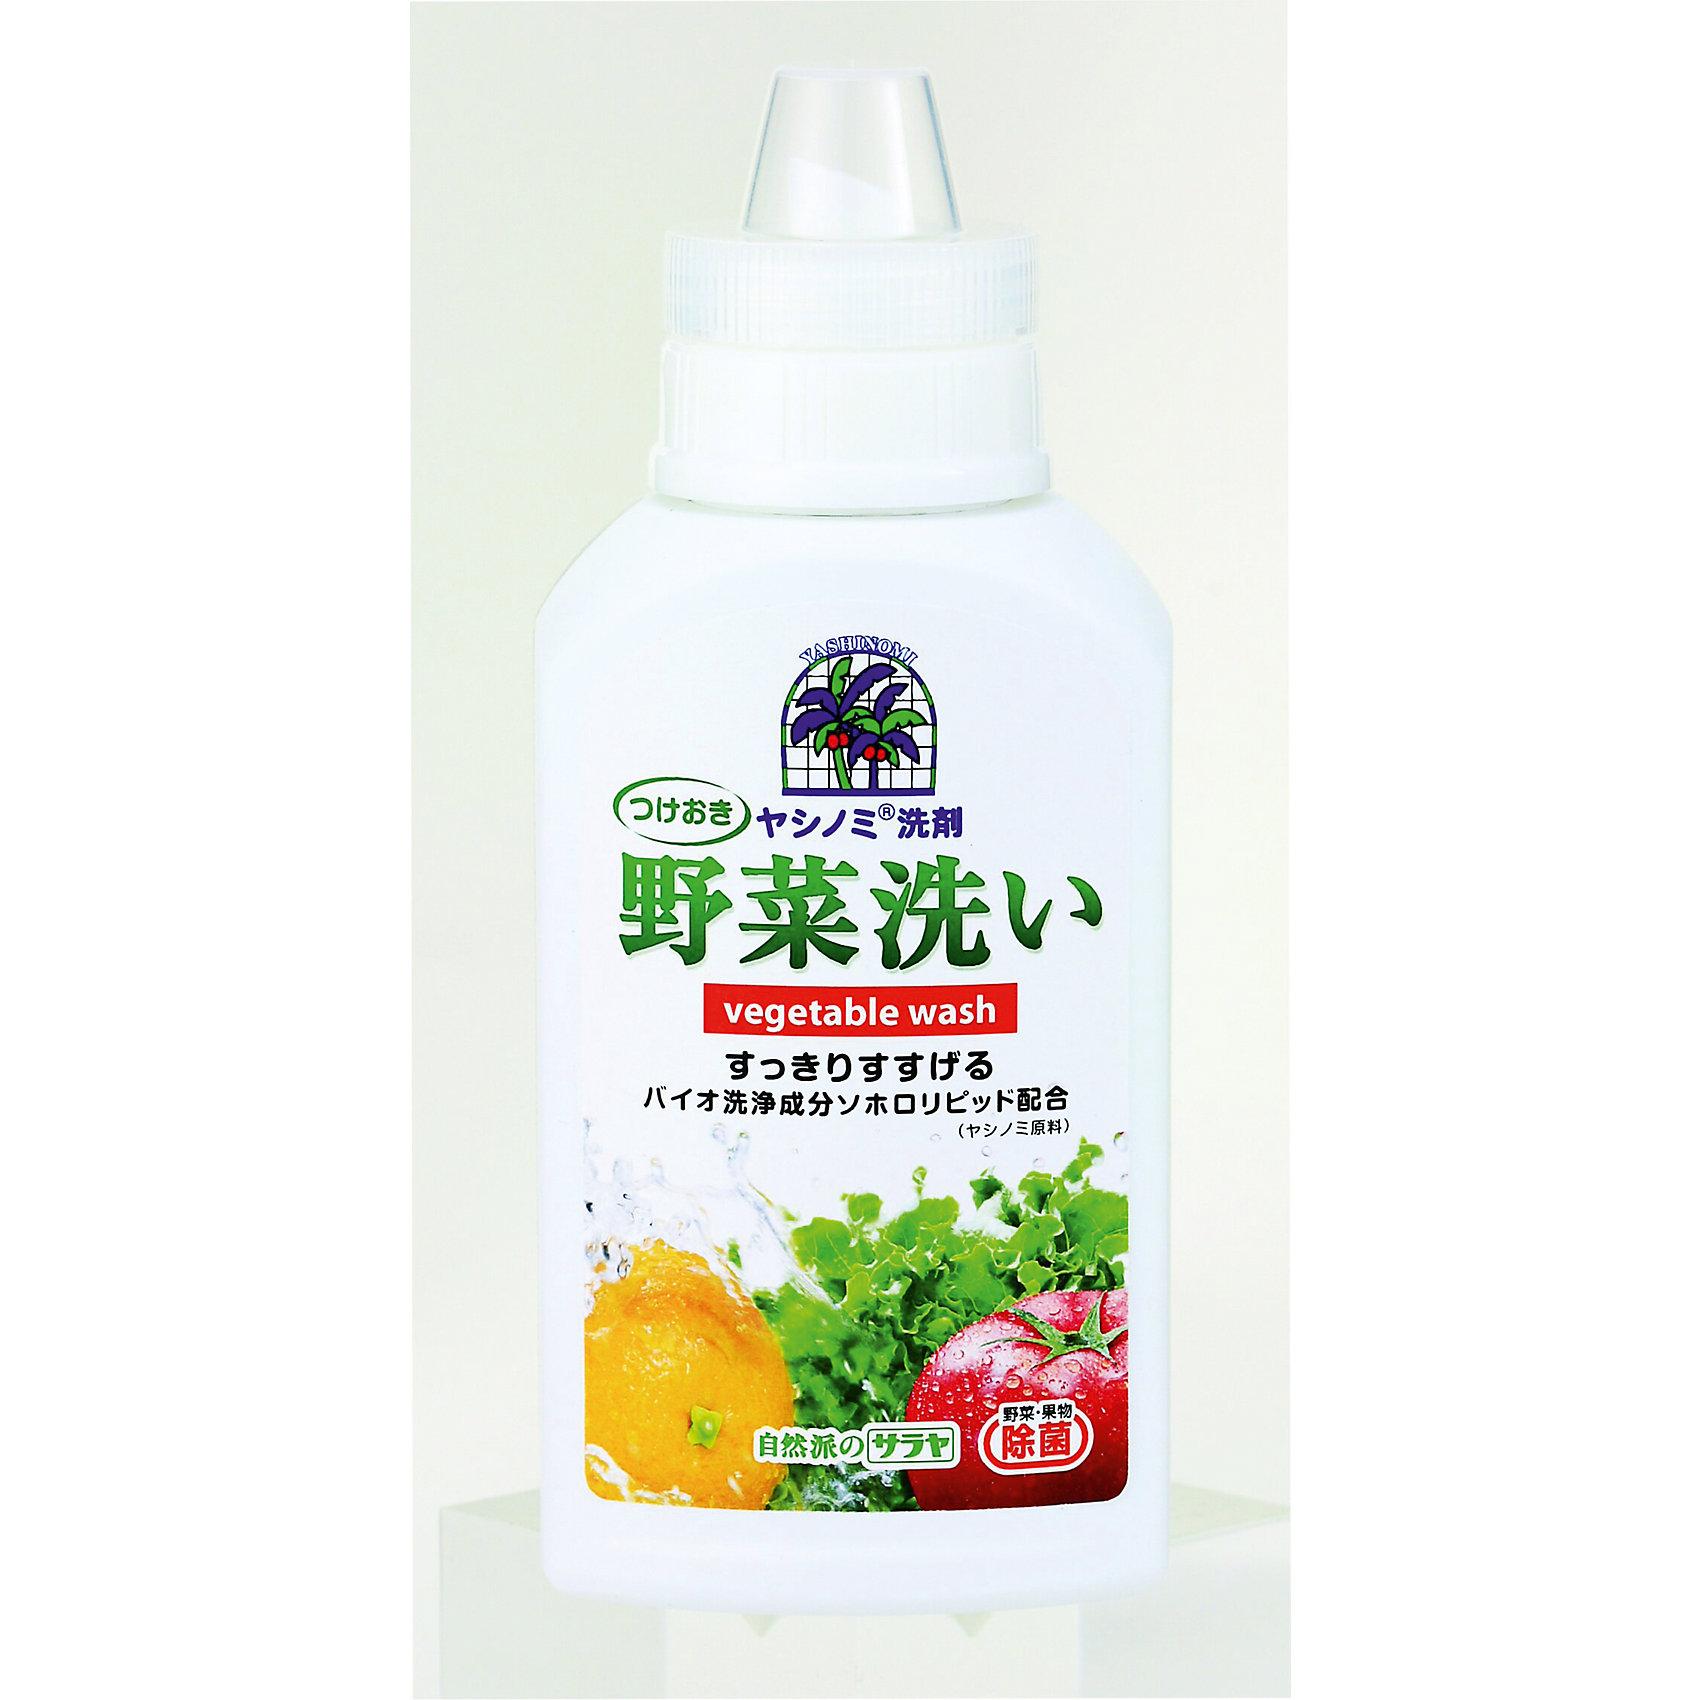 Средство для мытья посуды, овощей и фруктов Yashinomi 500 мл., saraya (Saraya)